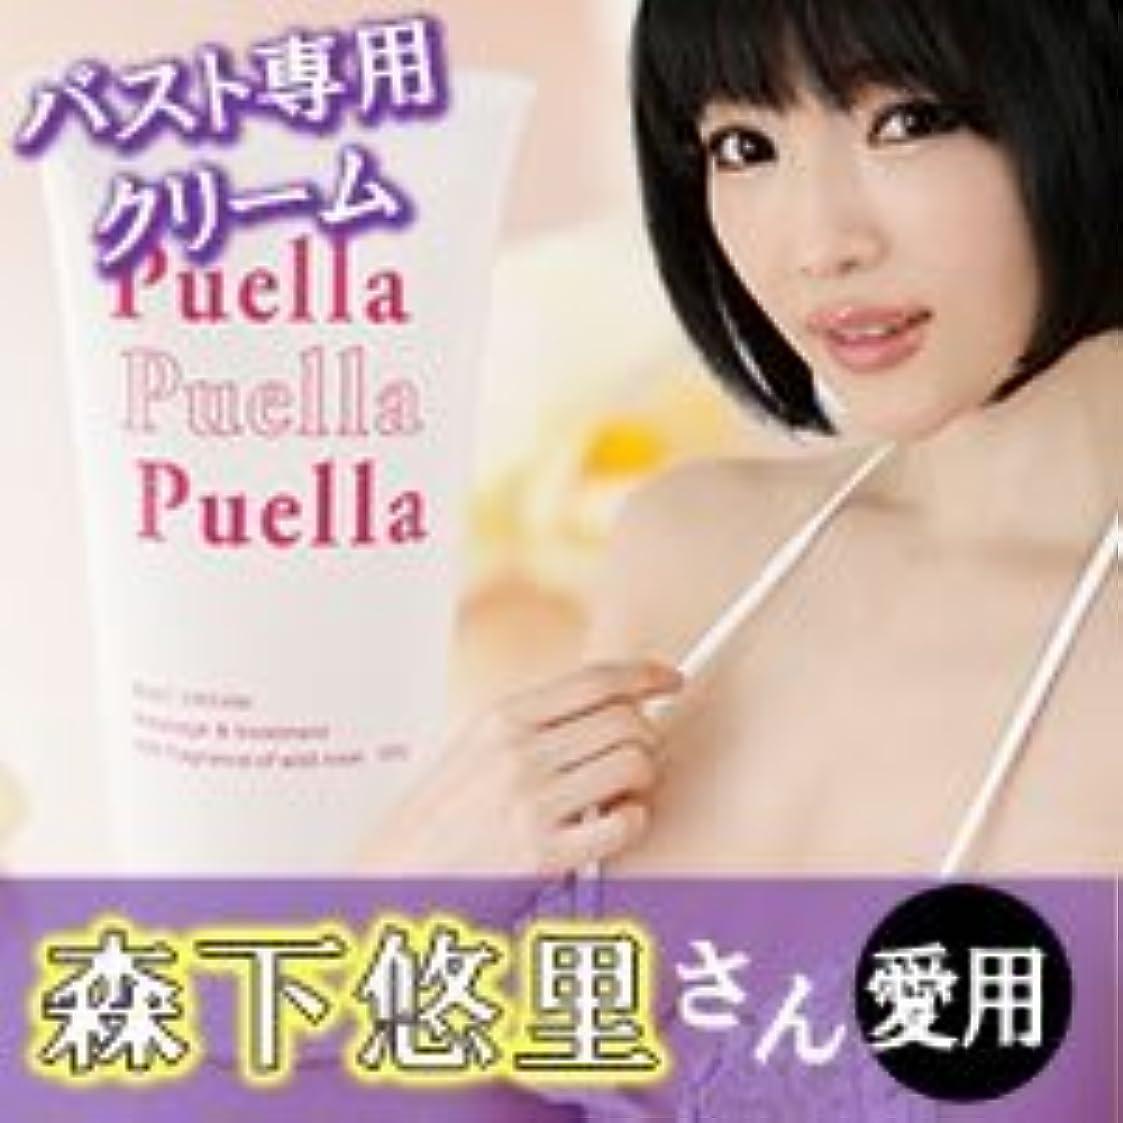 責リーそうでなければPuella プエルラ バスト用クリーム 8584br 【1点】